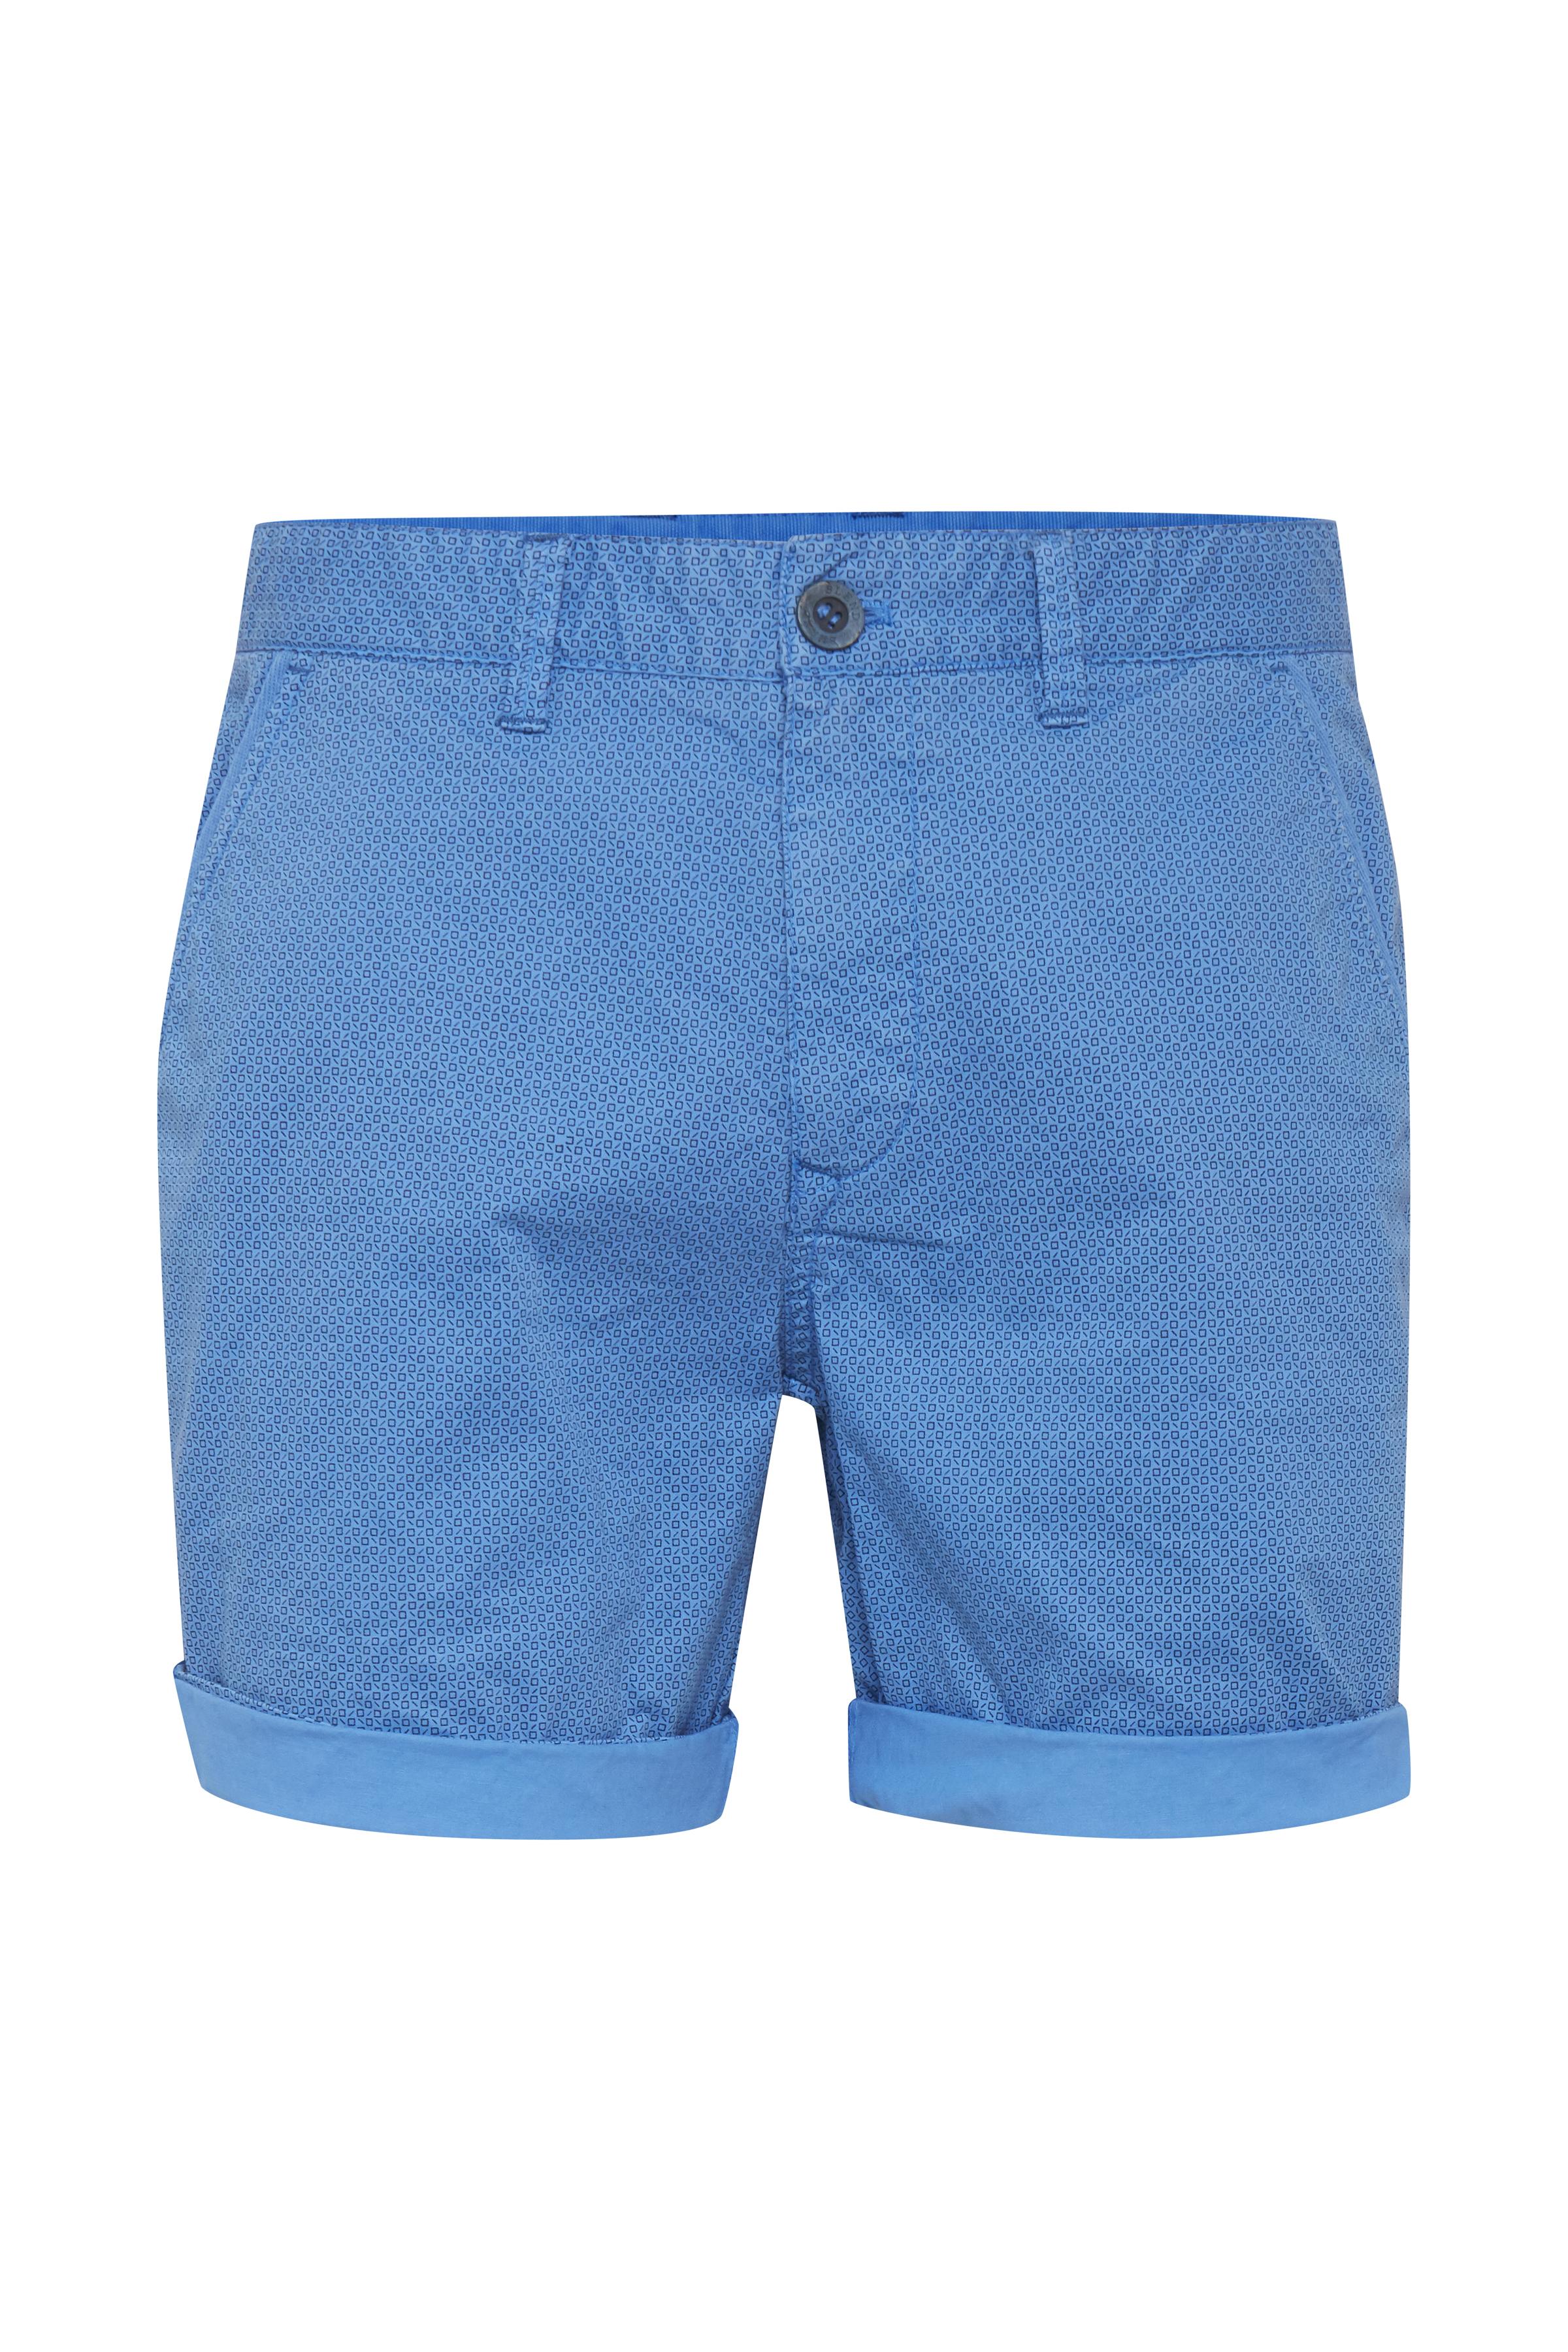 Blend He Heren Short - Marina Blue